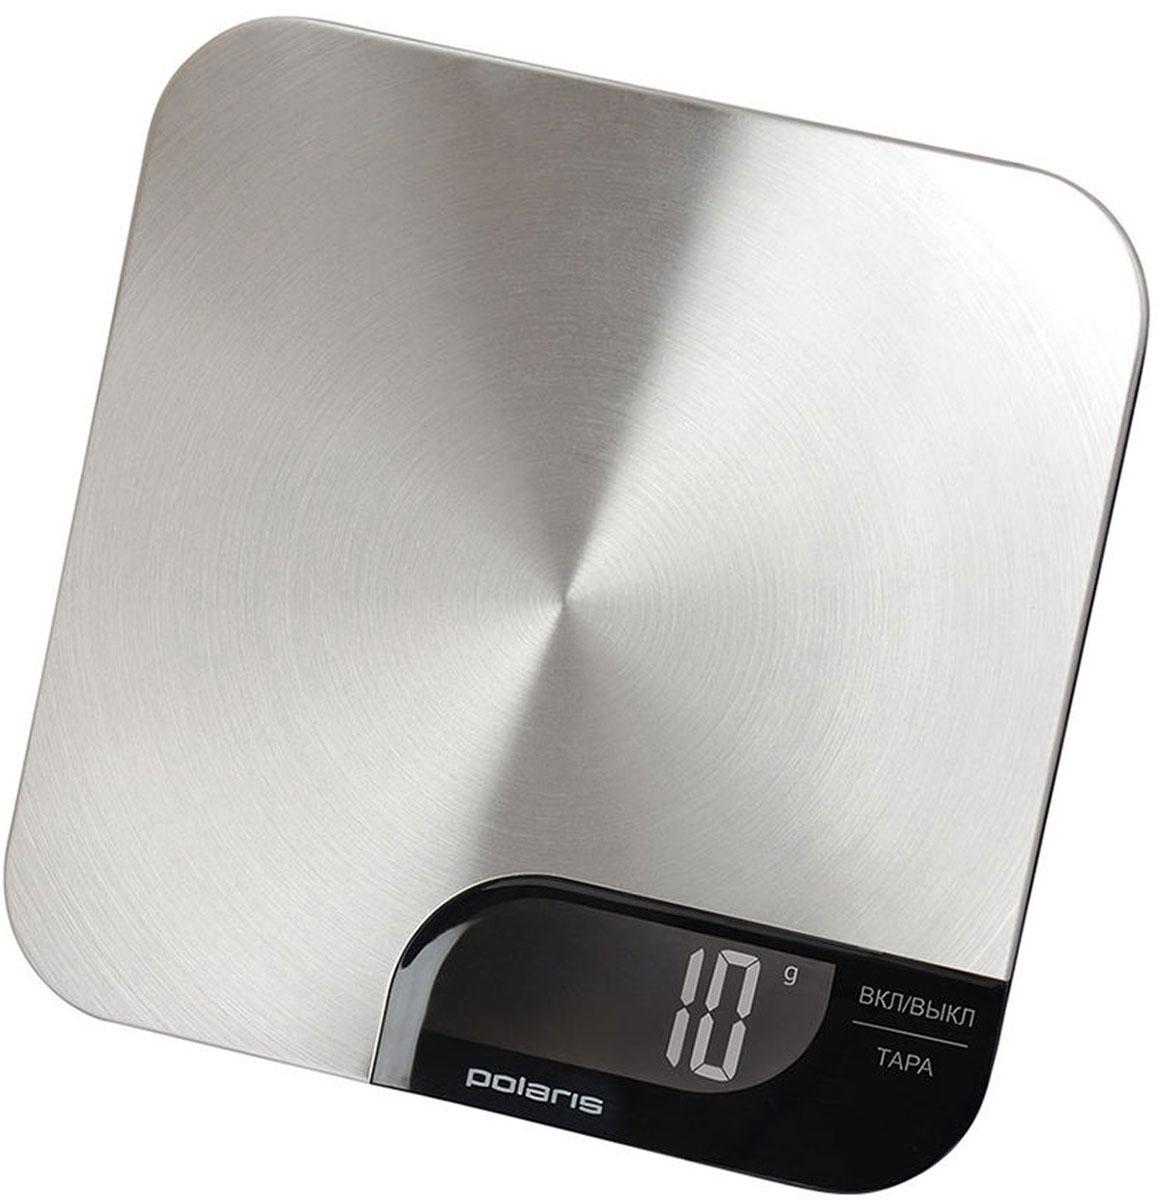 Polaris PKS 0538DM кухонные весыPKS 0538DMКухонные электронные весы Polaris PKS 0538DM - незаменимые помощники современной хозяйки. Они помогут точно взвесить любые продукты и ингредиенты. Кроме того, позволят людям, соблюдающим диету, контролировать количество съедаемой пищи и размеры порций. Предназначены для взвешивания продуктов с точностью измерения до 1 грамма. Также эти весы имеют сенсорное управление и удобную подстветку. Очень тонкий корпус Функция обнуления веса